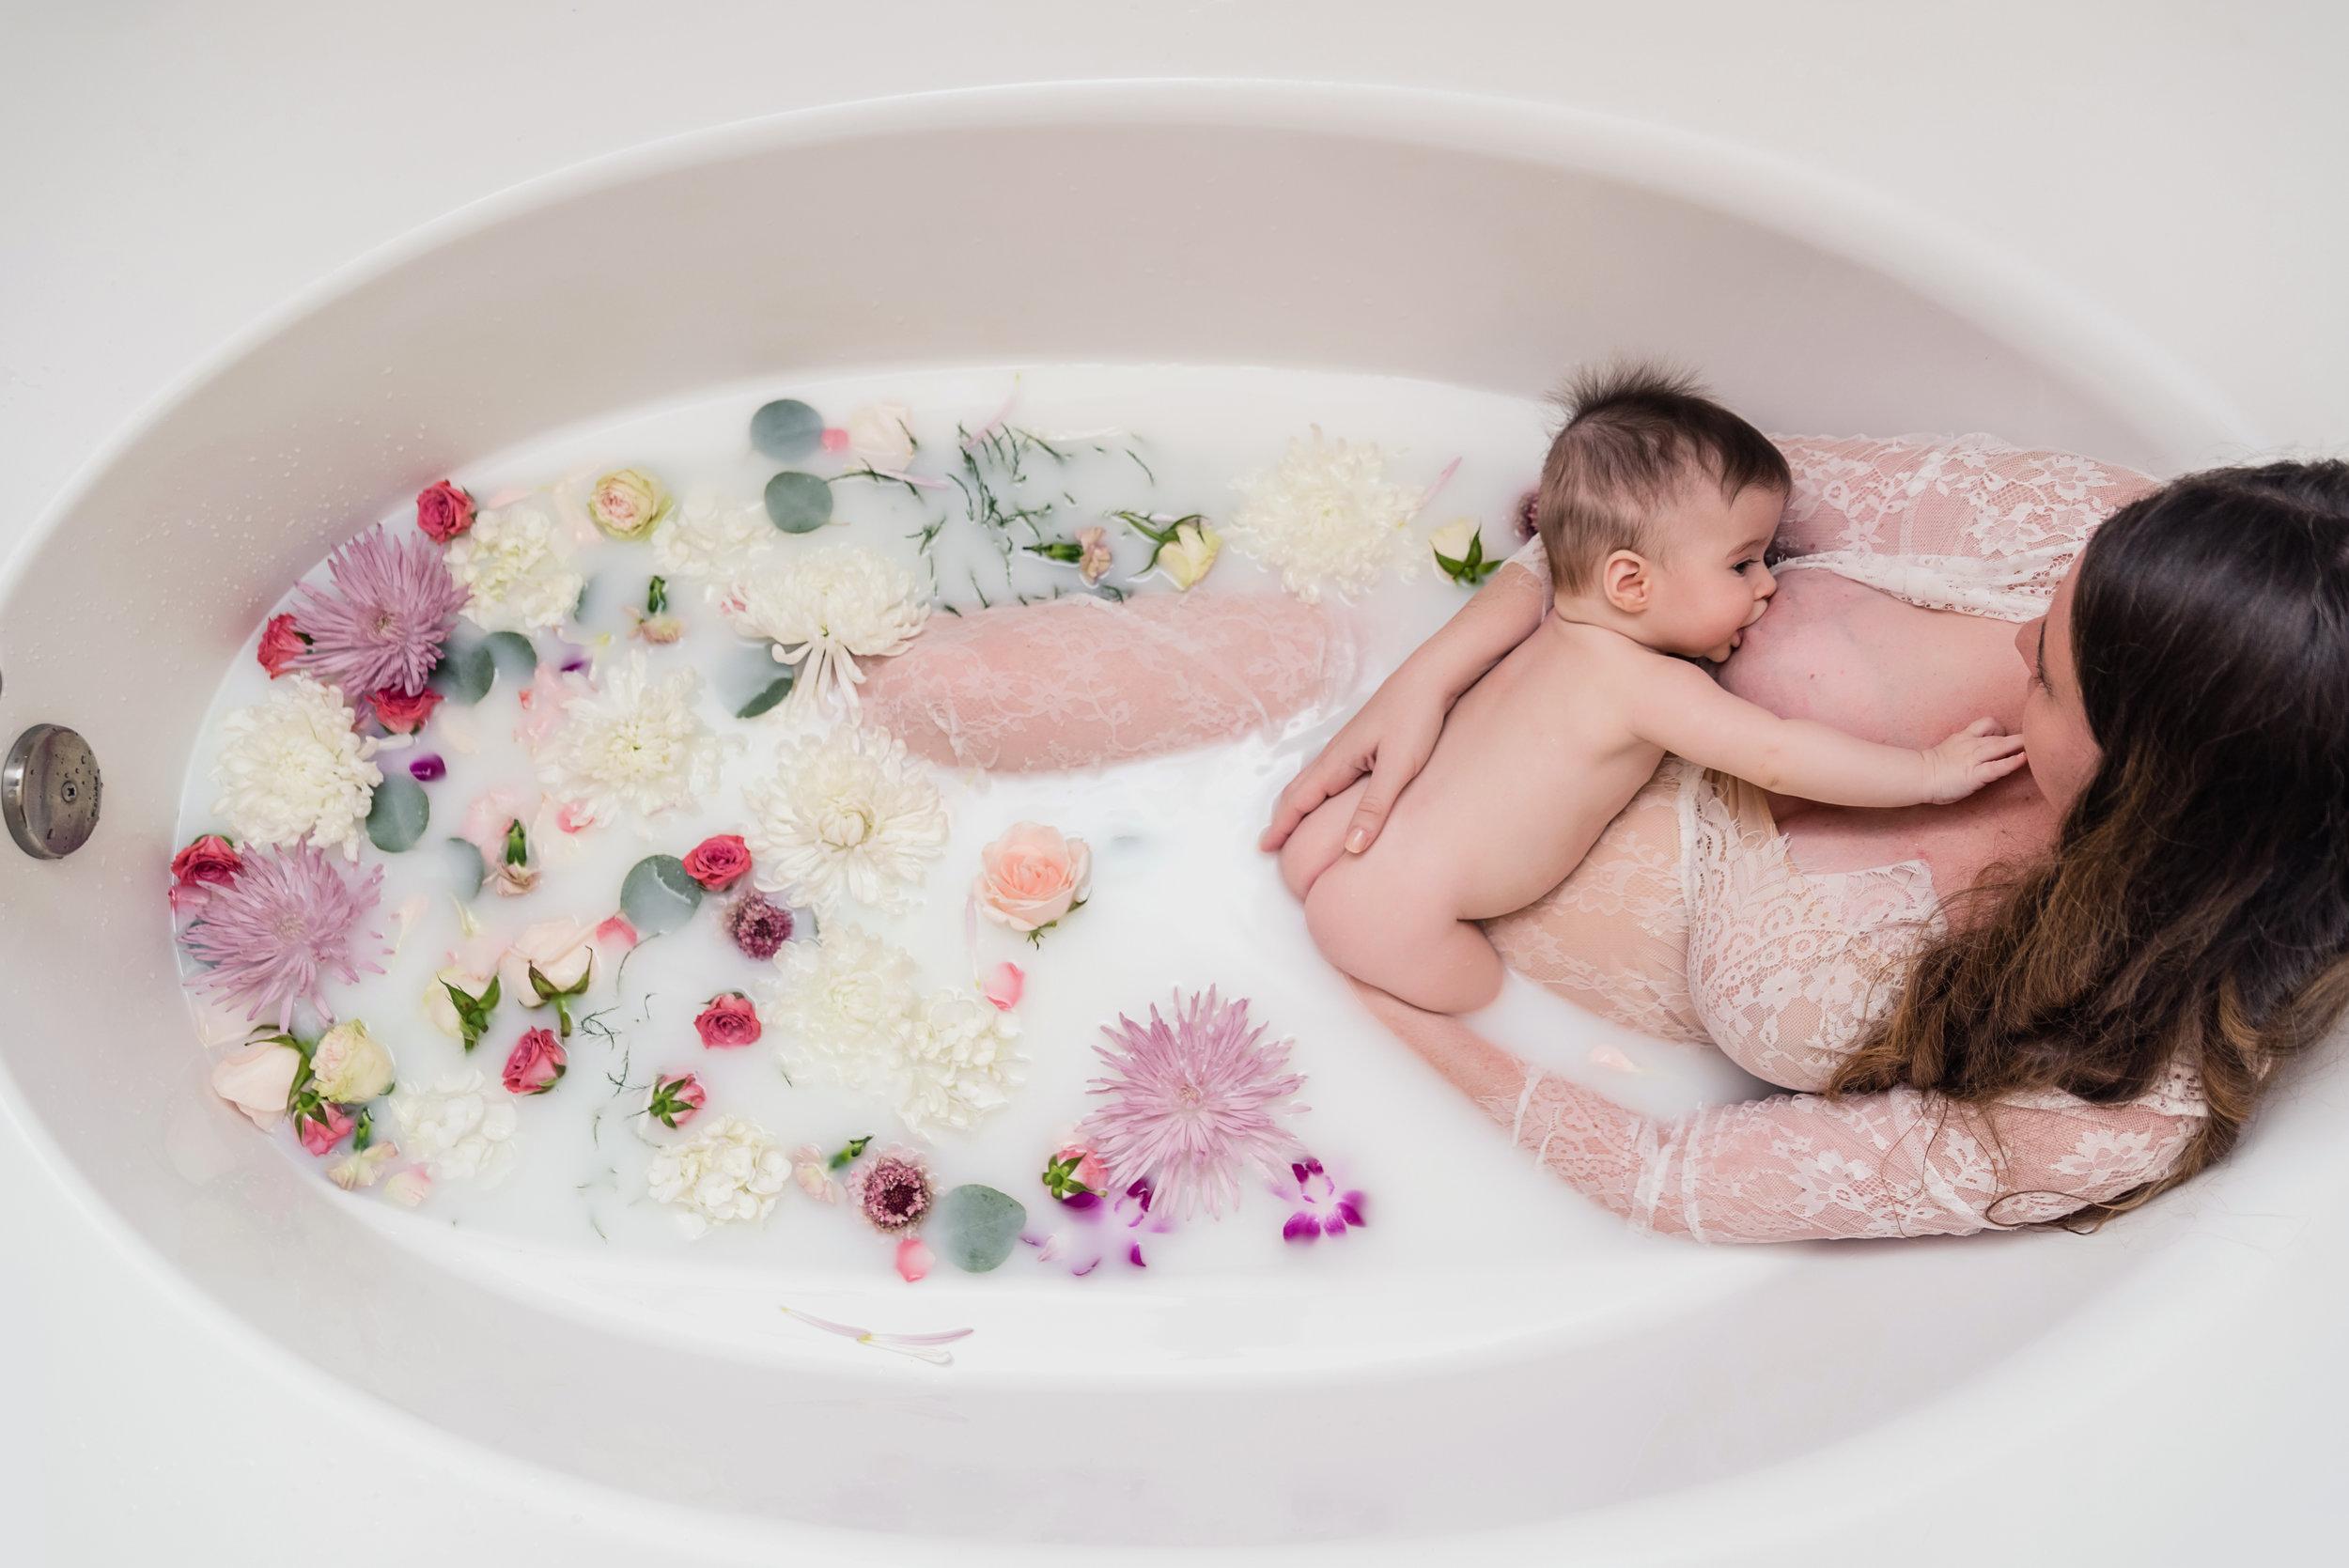 Maya+Violet milkbath 06 months-25.jpg